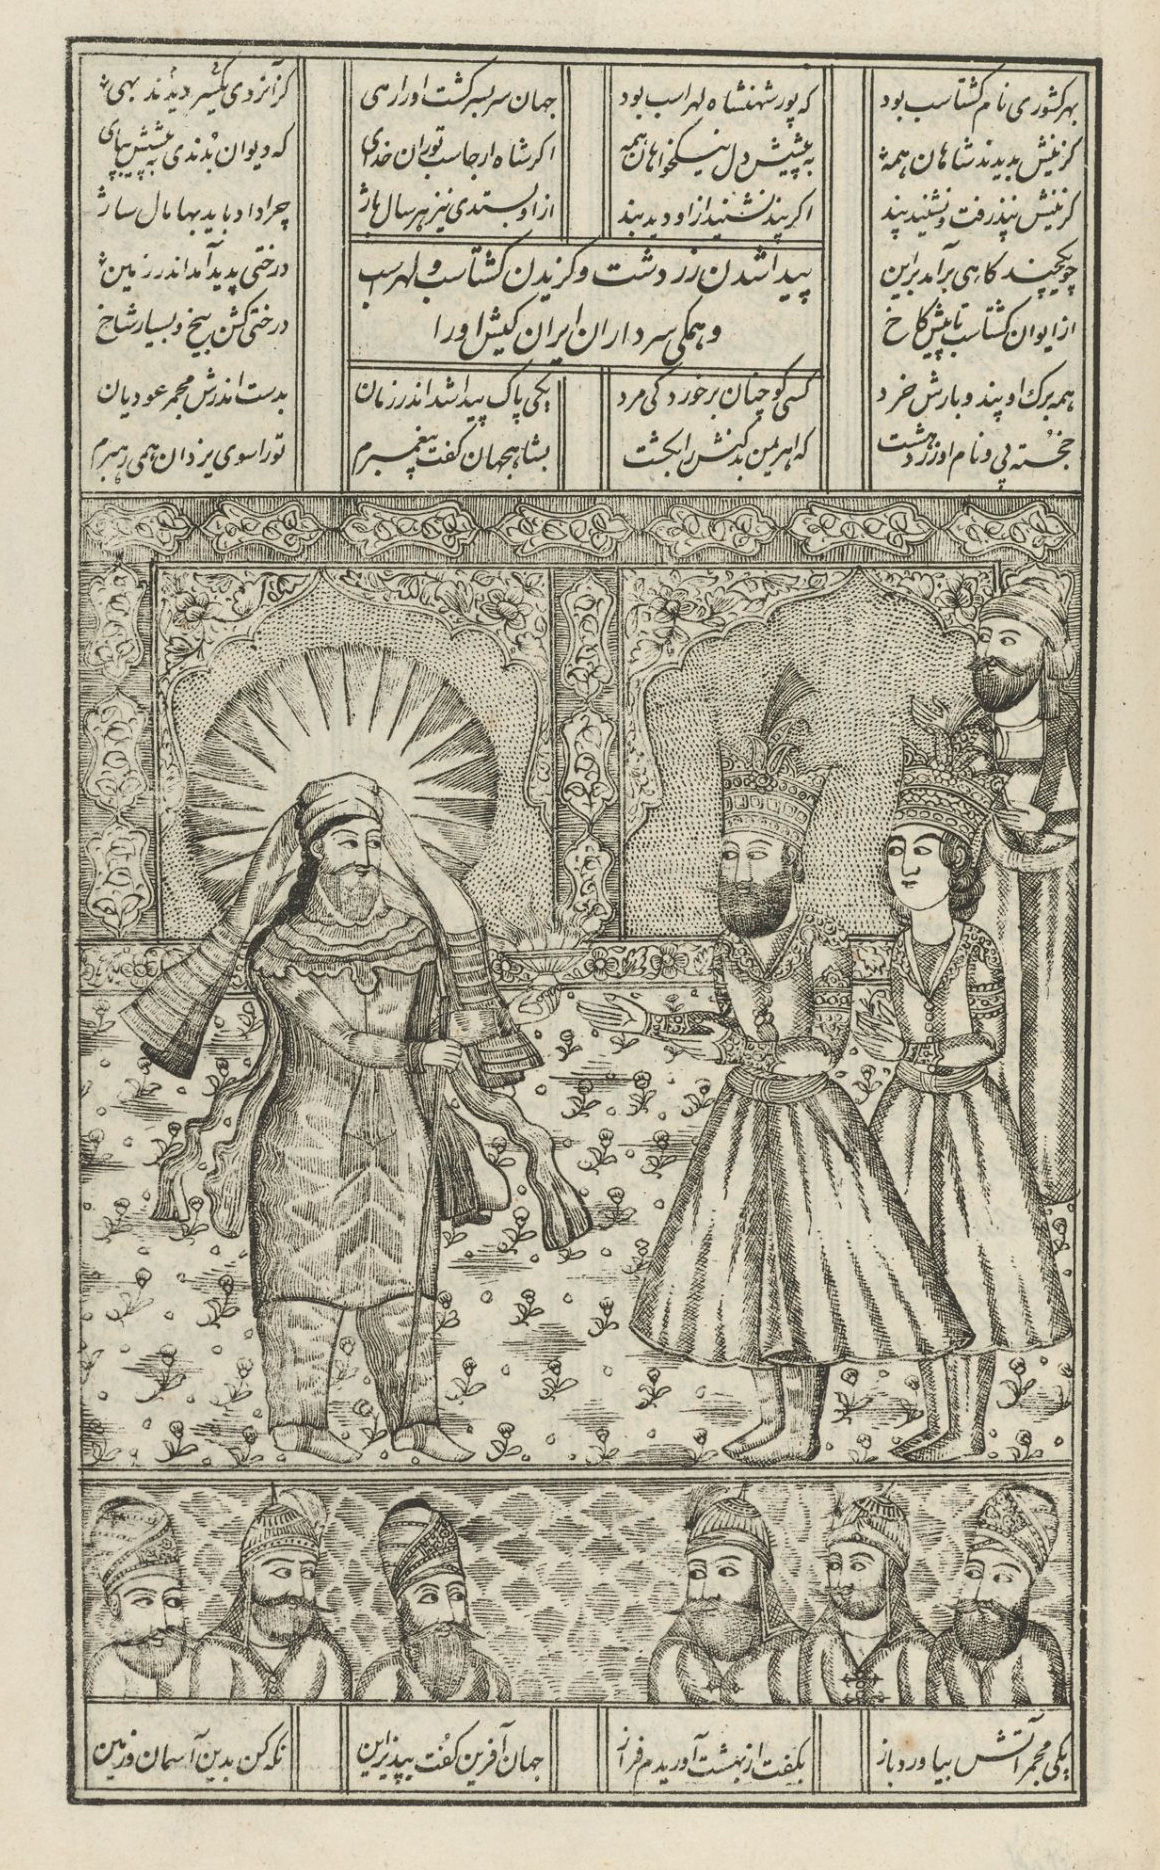 shahnama-zoroaster.jpg